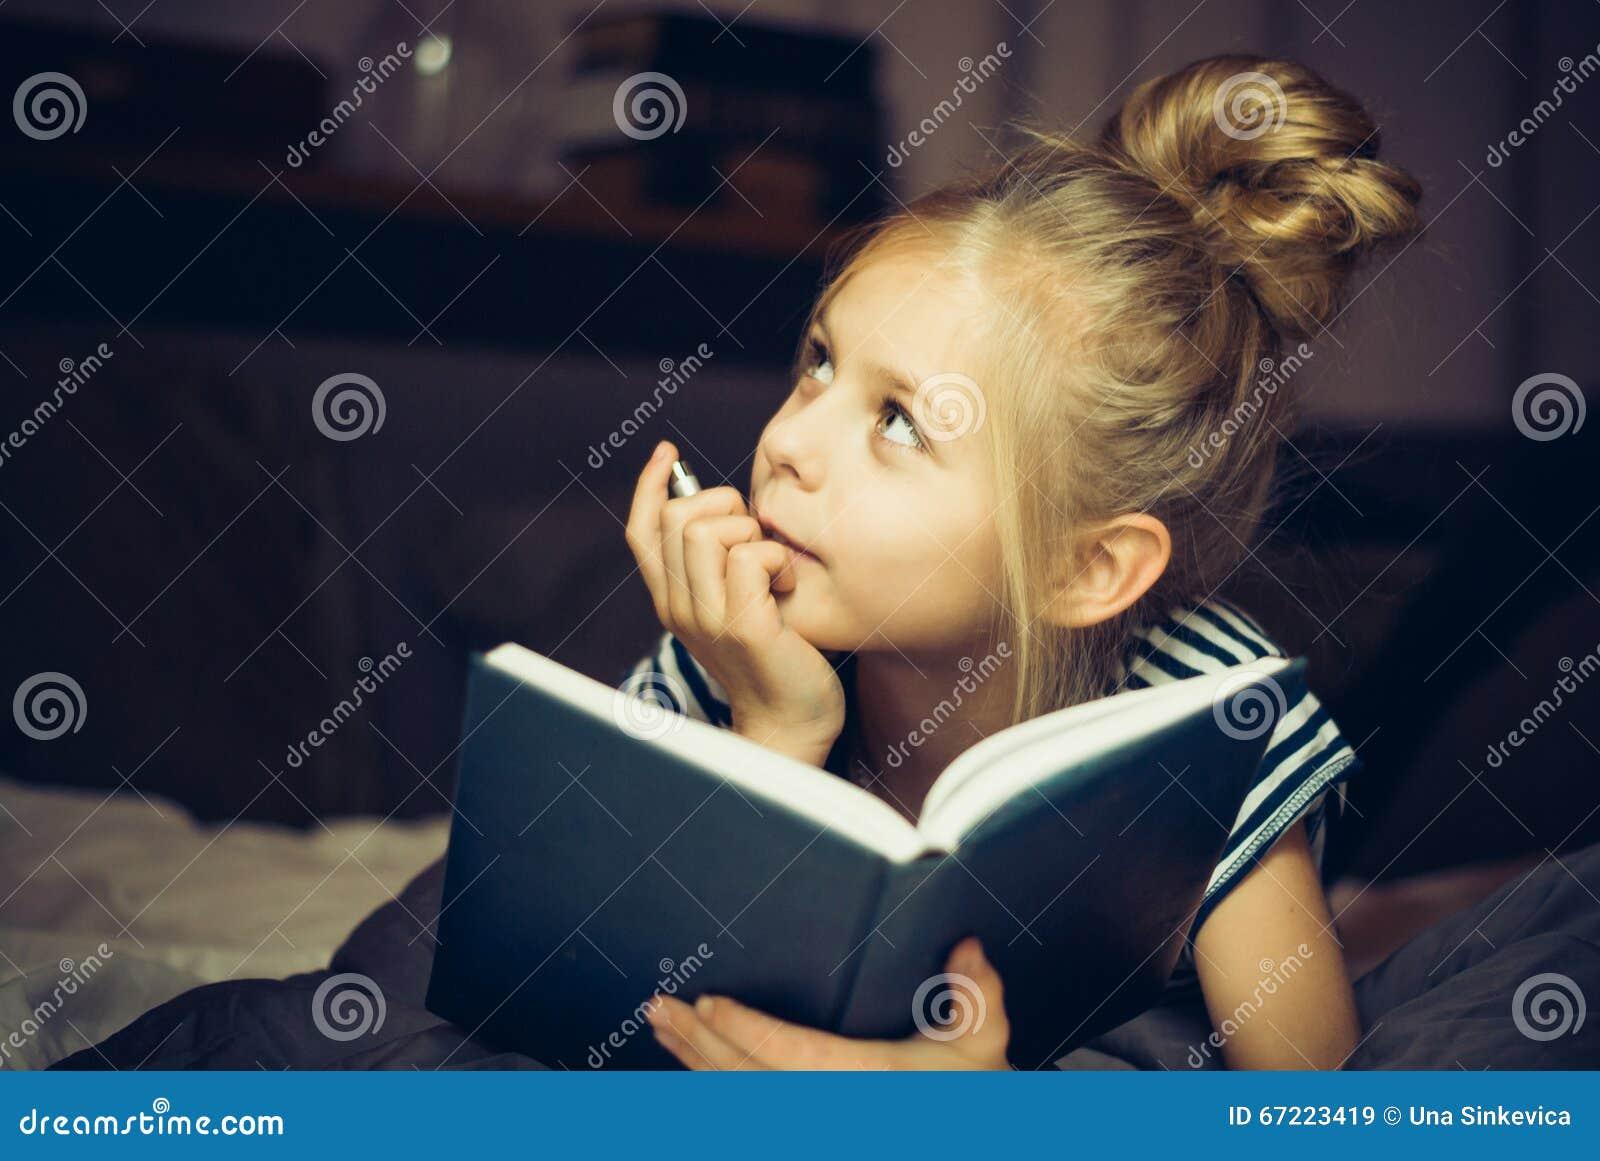 Flicka som läser en bok och drömmar i säng